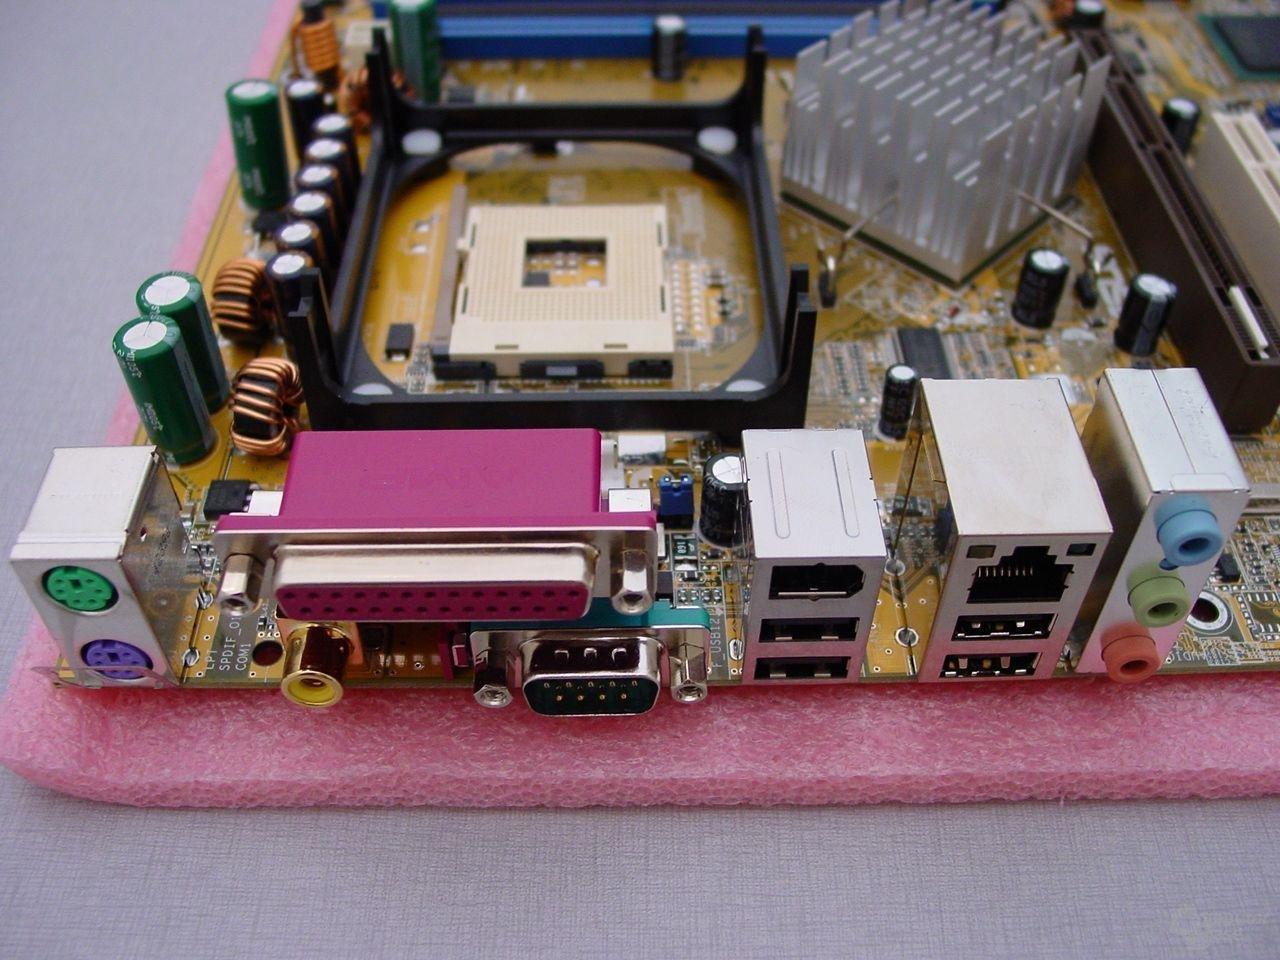 Detailshots vom Asus P4C800 mit Canterwood